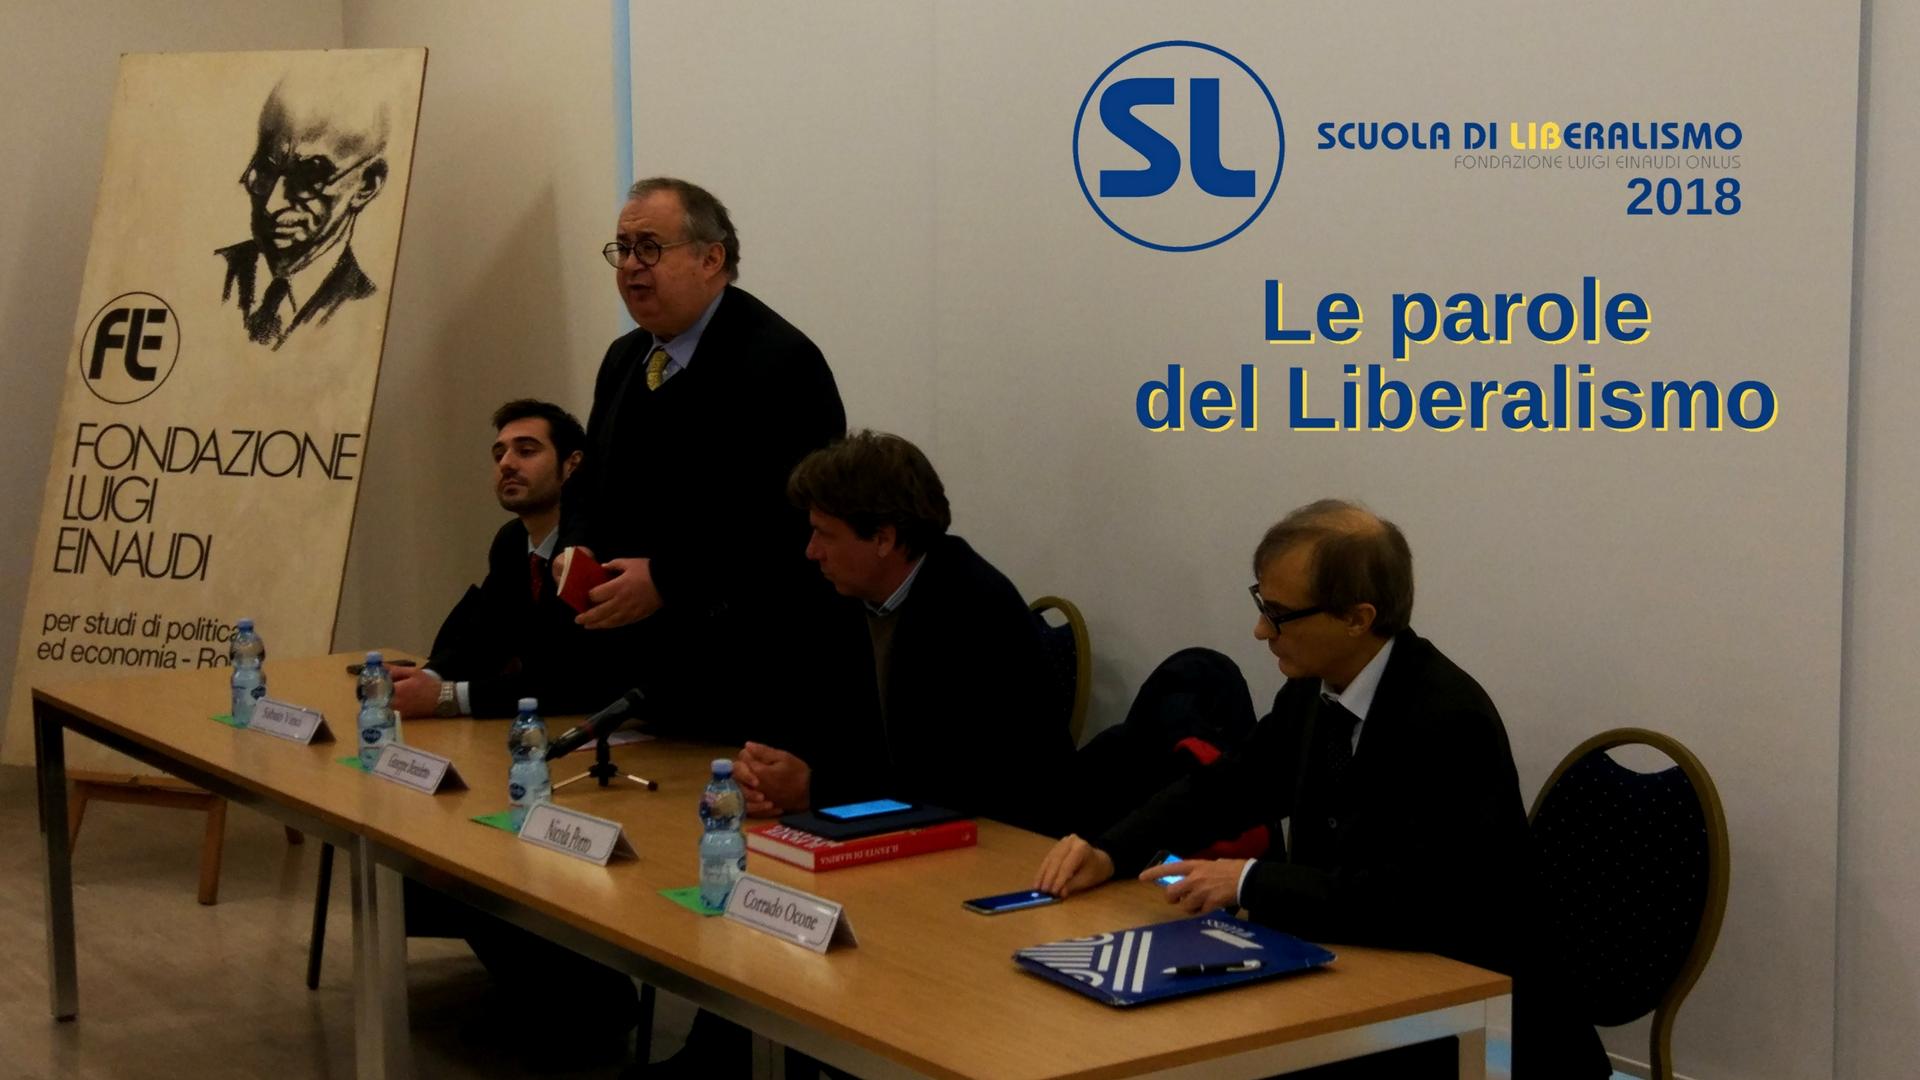 Confronto e discussione all'Open day della Scuola di Liberalismo